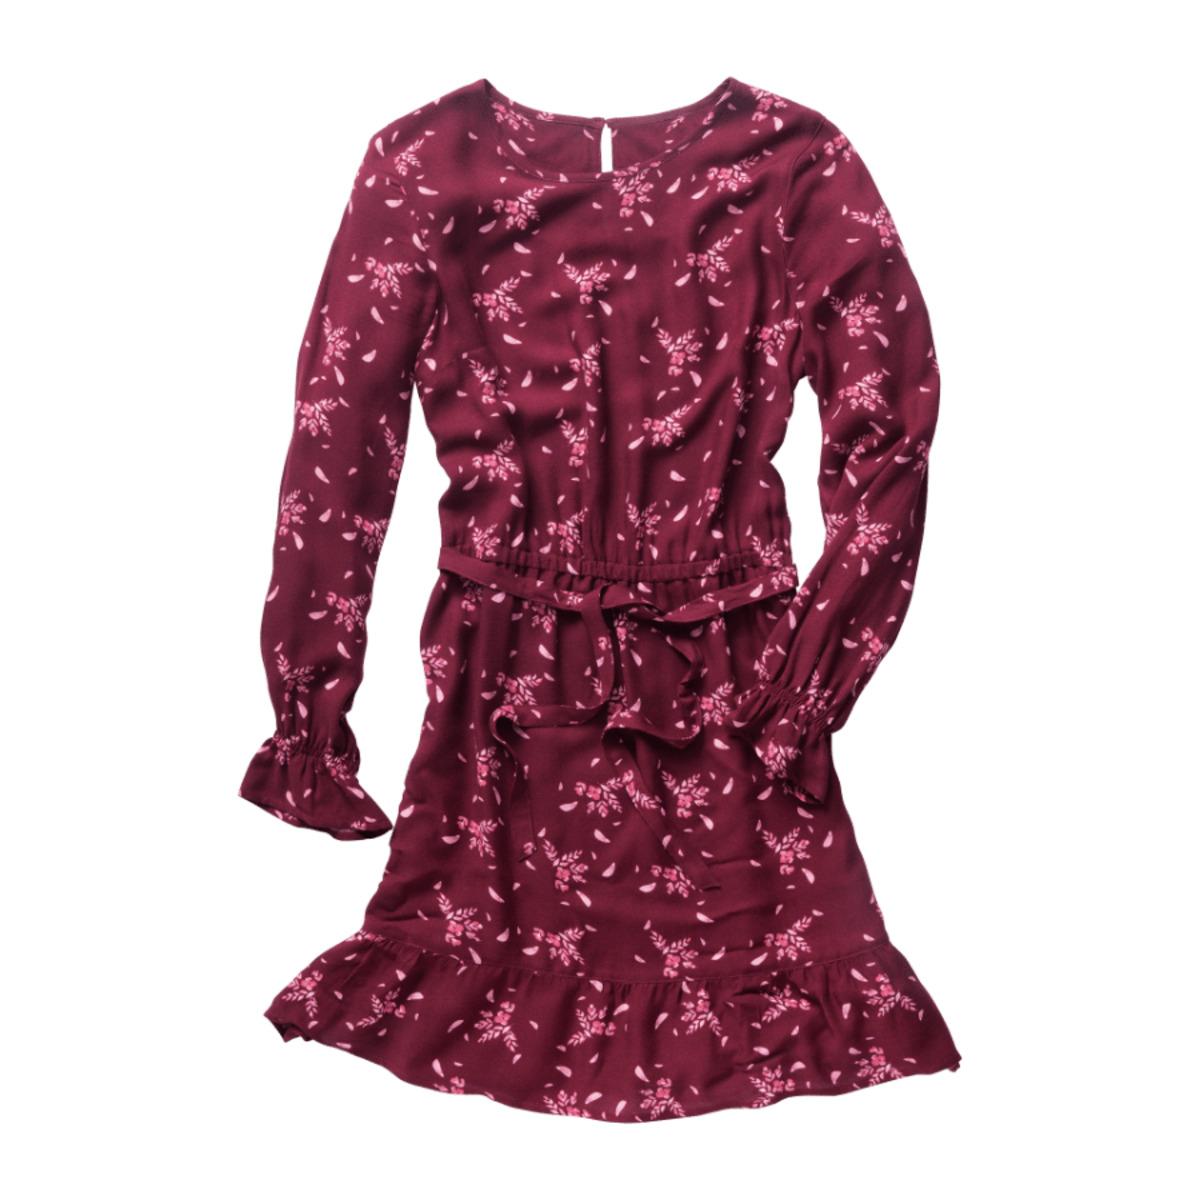 Bild 2 von UP2FASHION     Viskose Crepe-Kleid